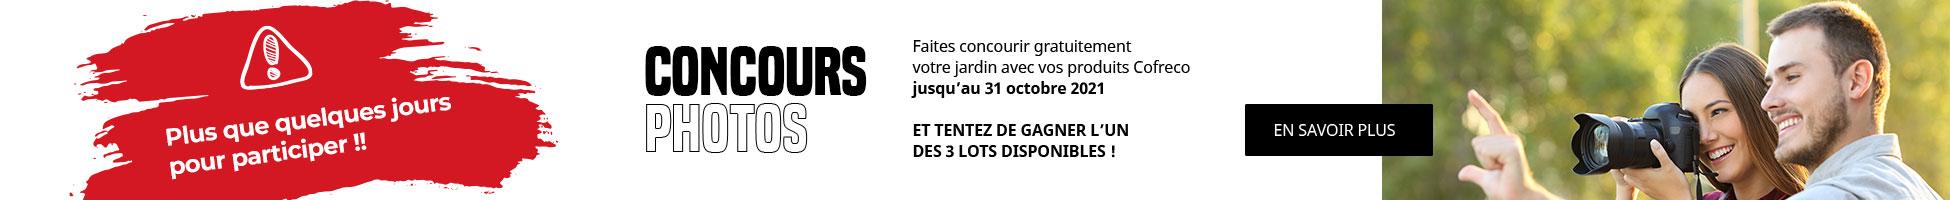 banniere-concoursphoto2021-2